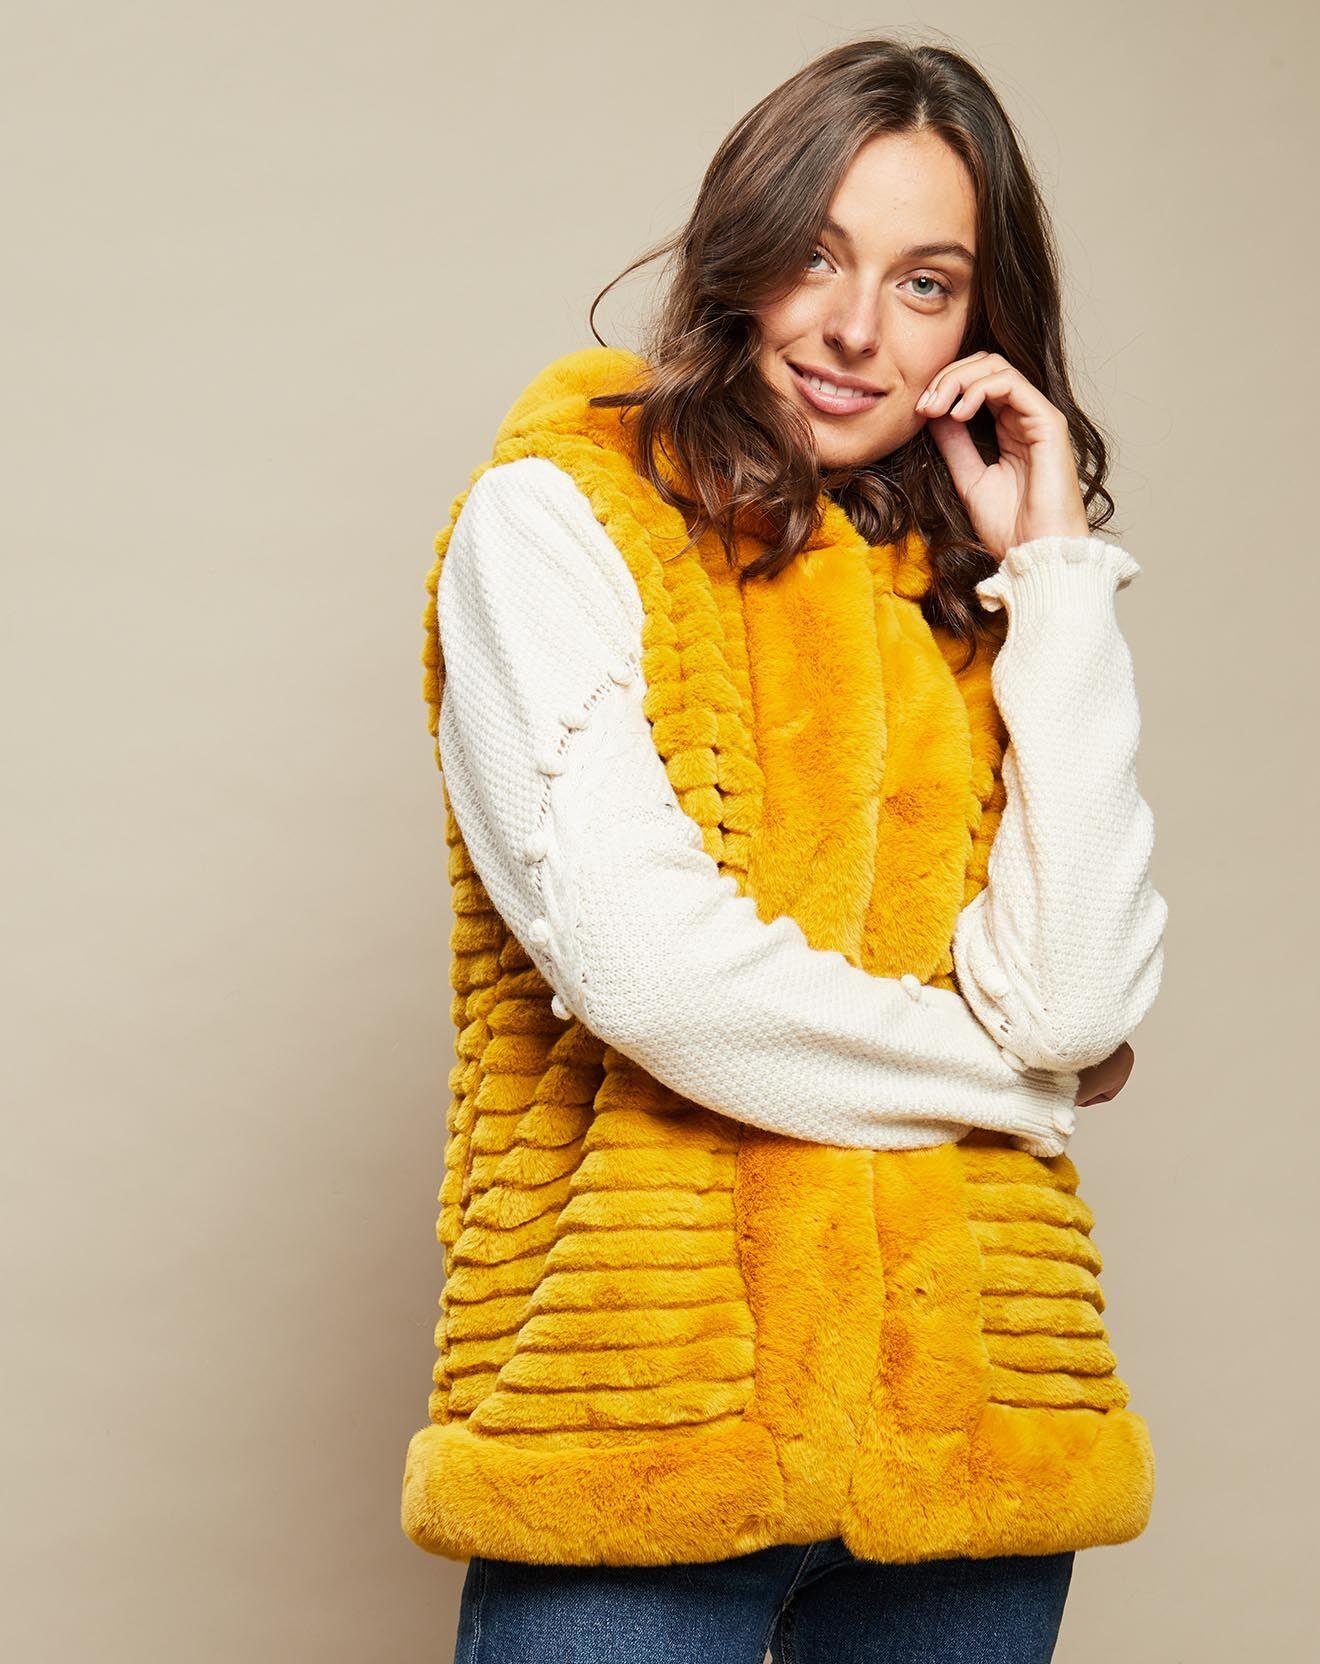 Gilet à capuche en Fausse Fourrure jaune - Inka - Modalova